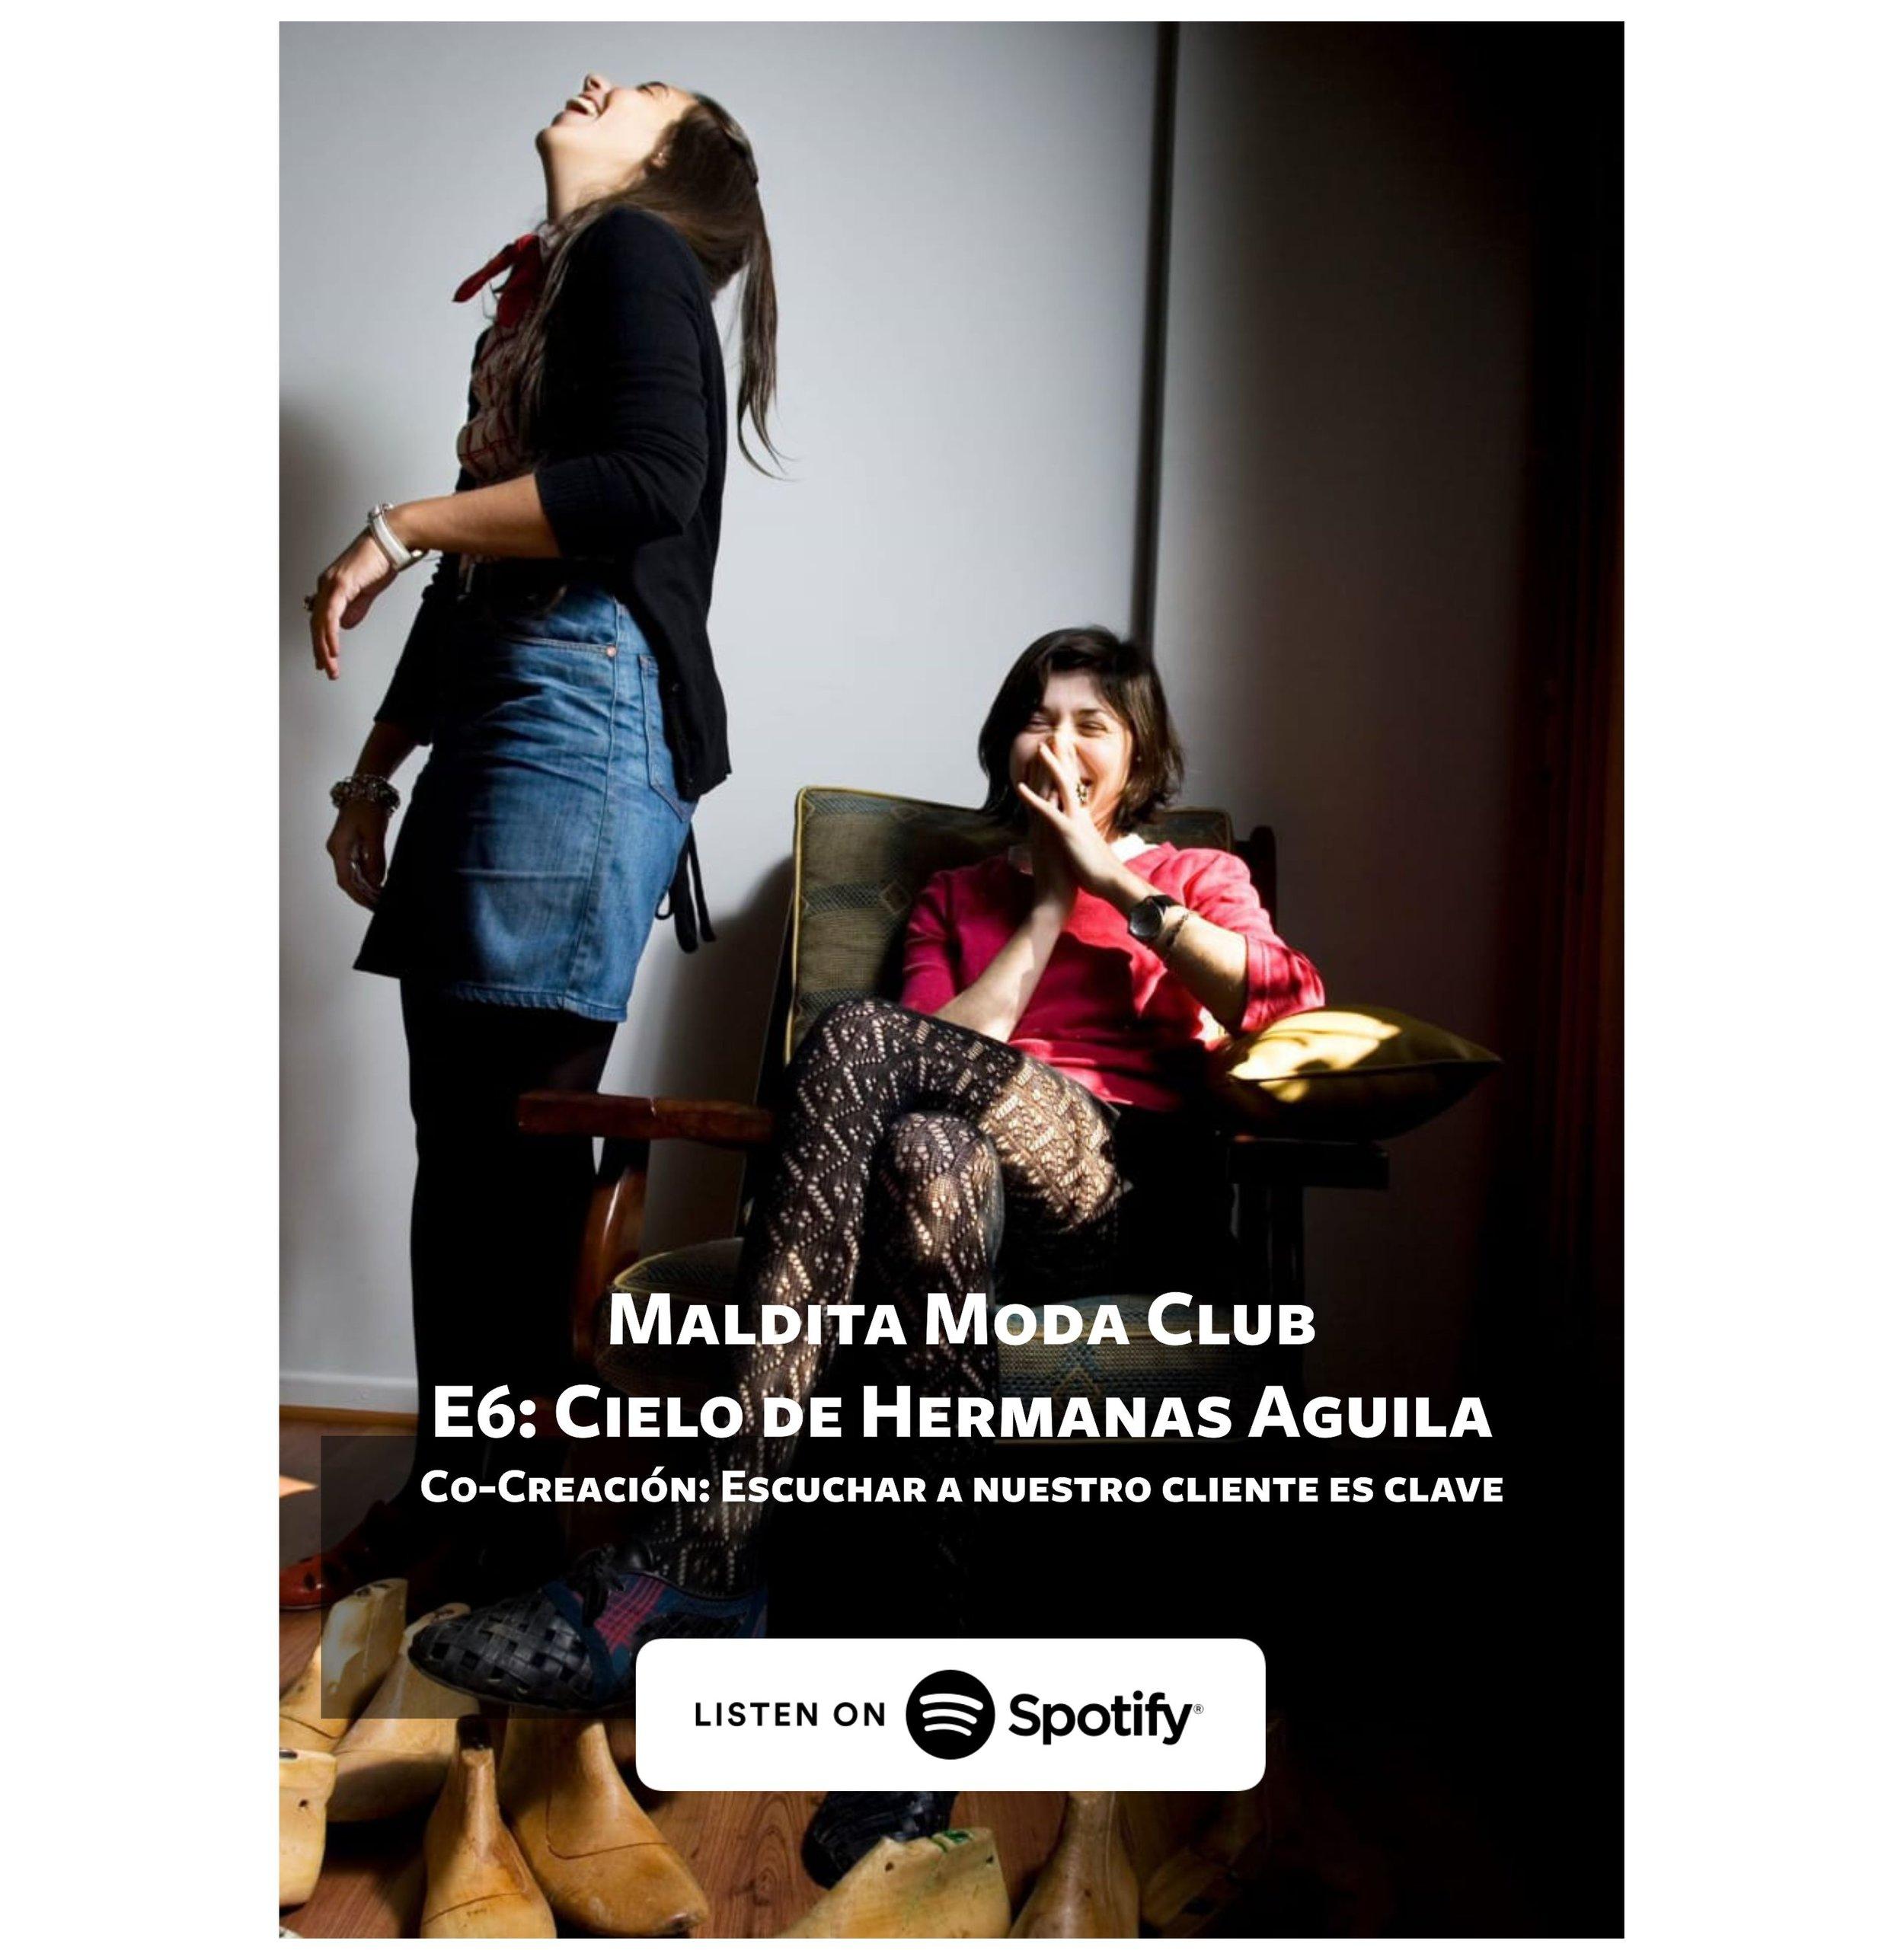 Maldita_Moda_E6_Cielo_Hermanas_Aguilas._2jpg.jpg